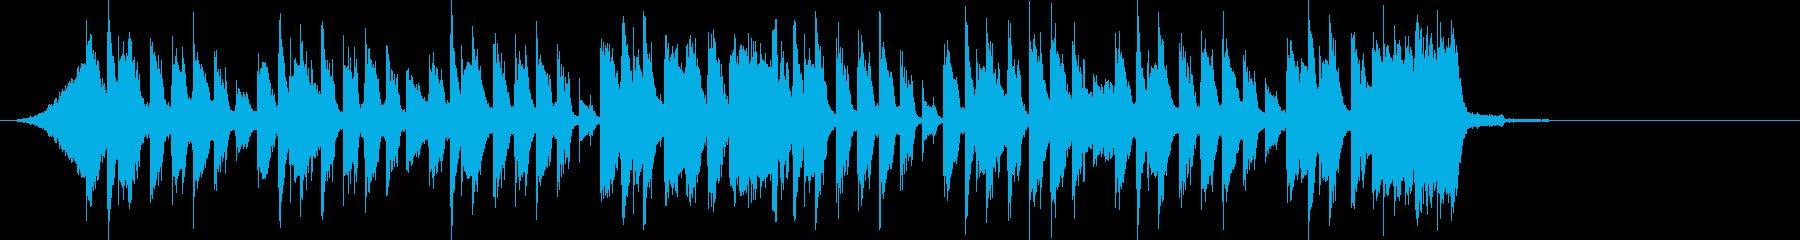 元気キッズ ピコピコキャッチー でコミカの再生済みの波形